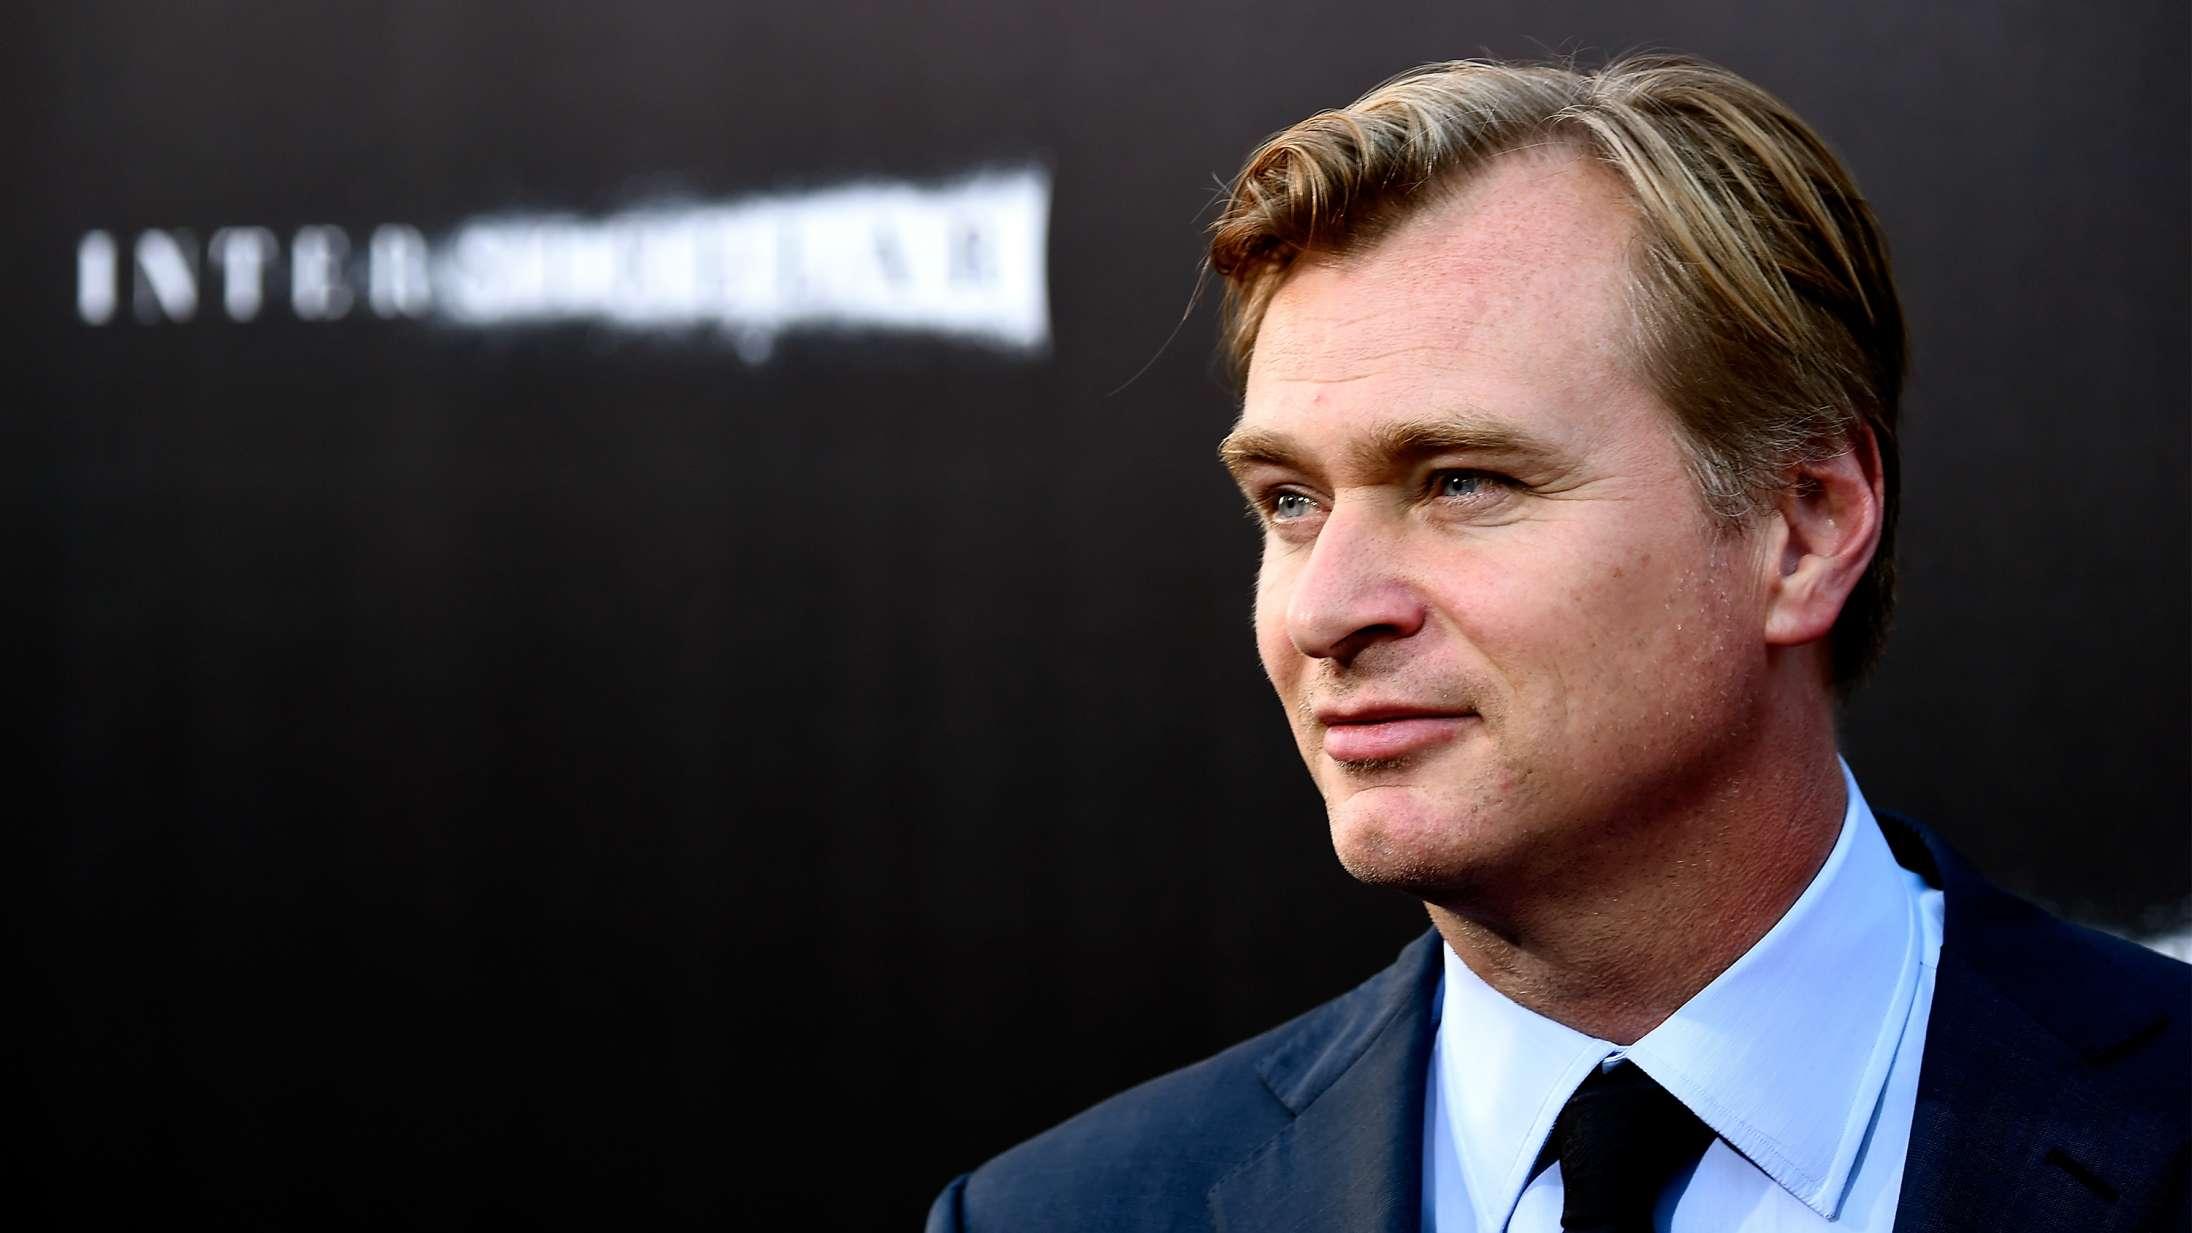 Selv hans hårdeste kritiker må forstå, at Nolan er den eneste magiker i cirkusteltet